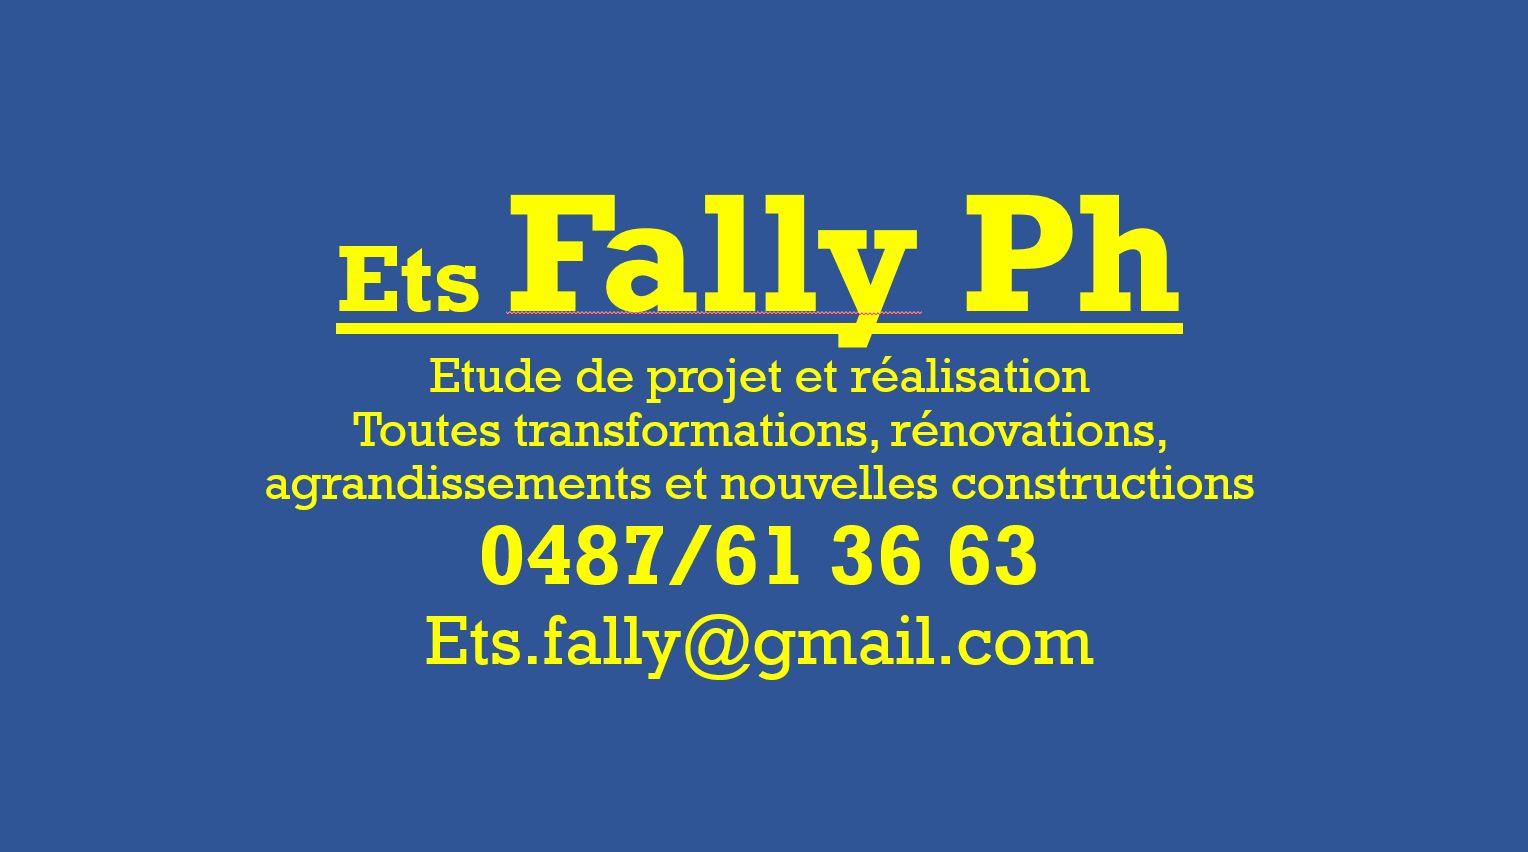 Fally